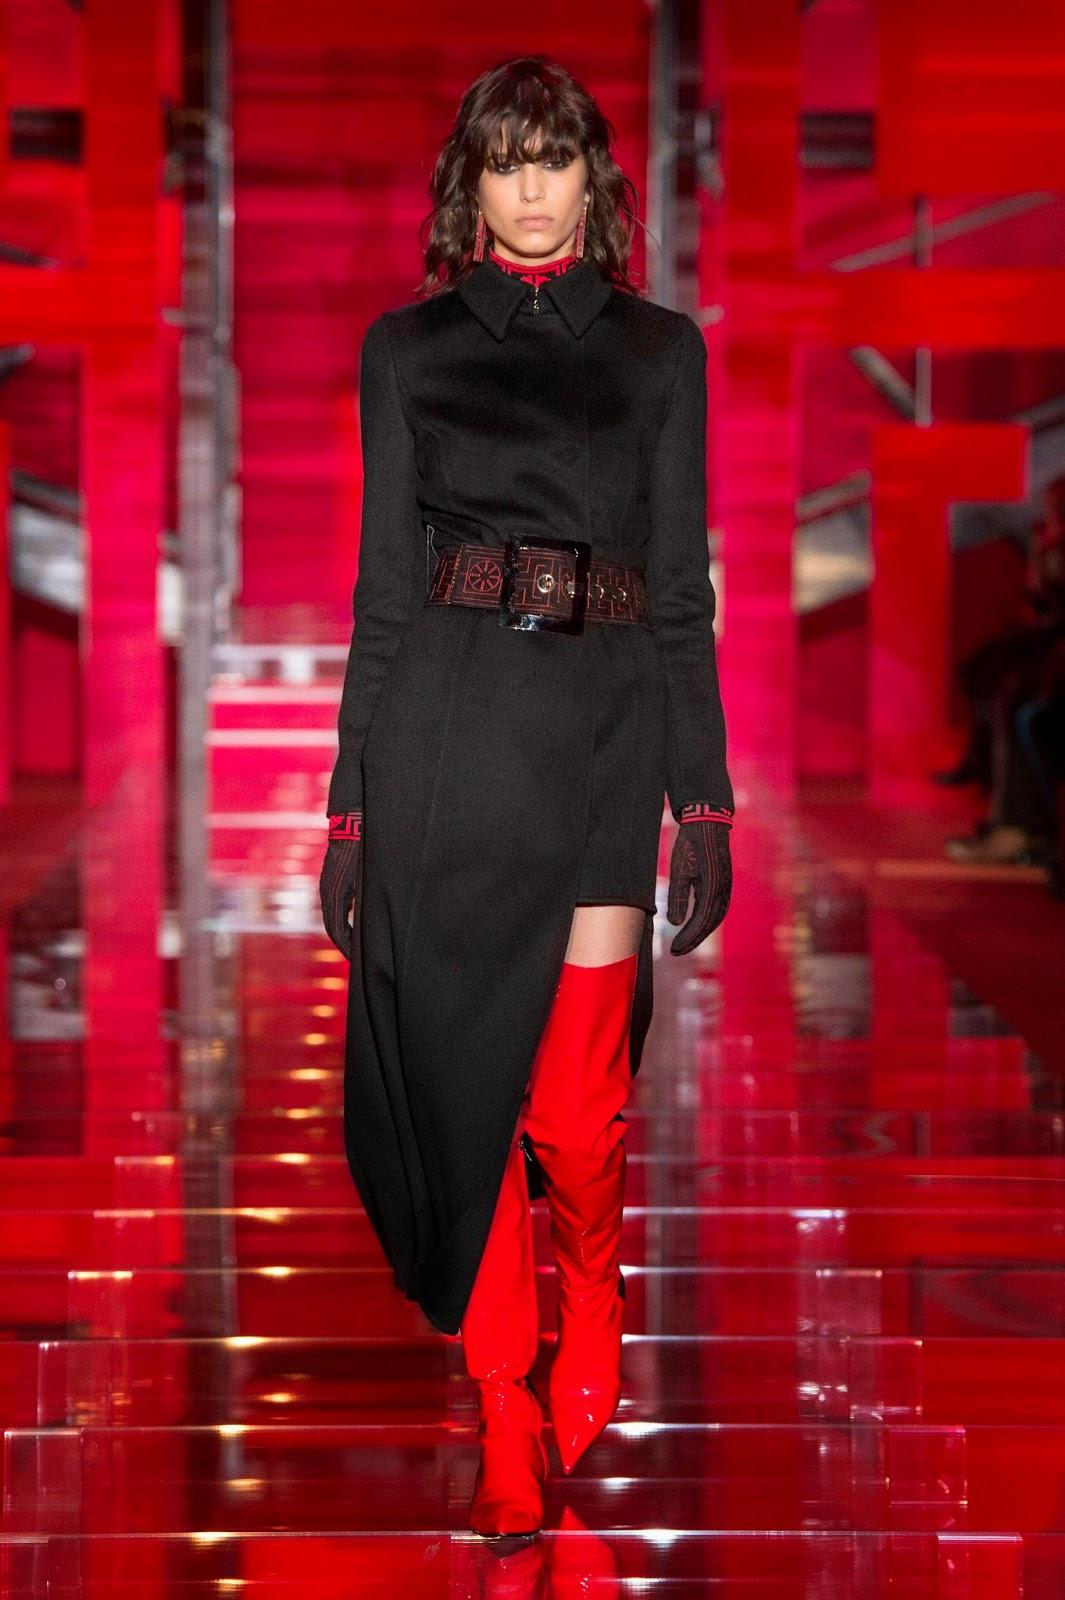 Fashionweek Milano 2015_02